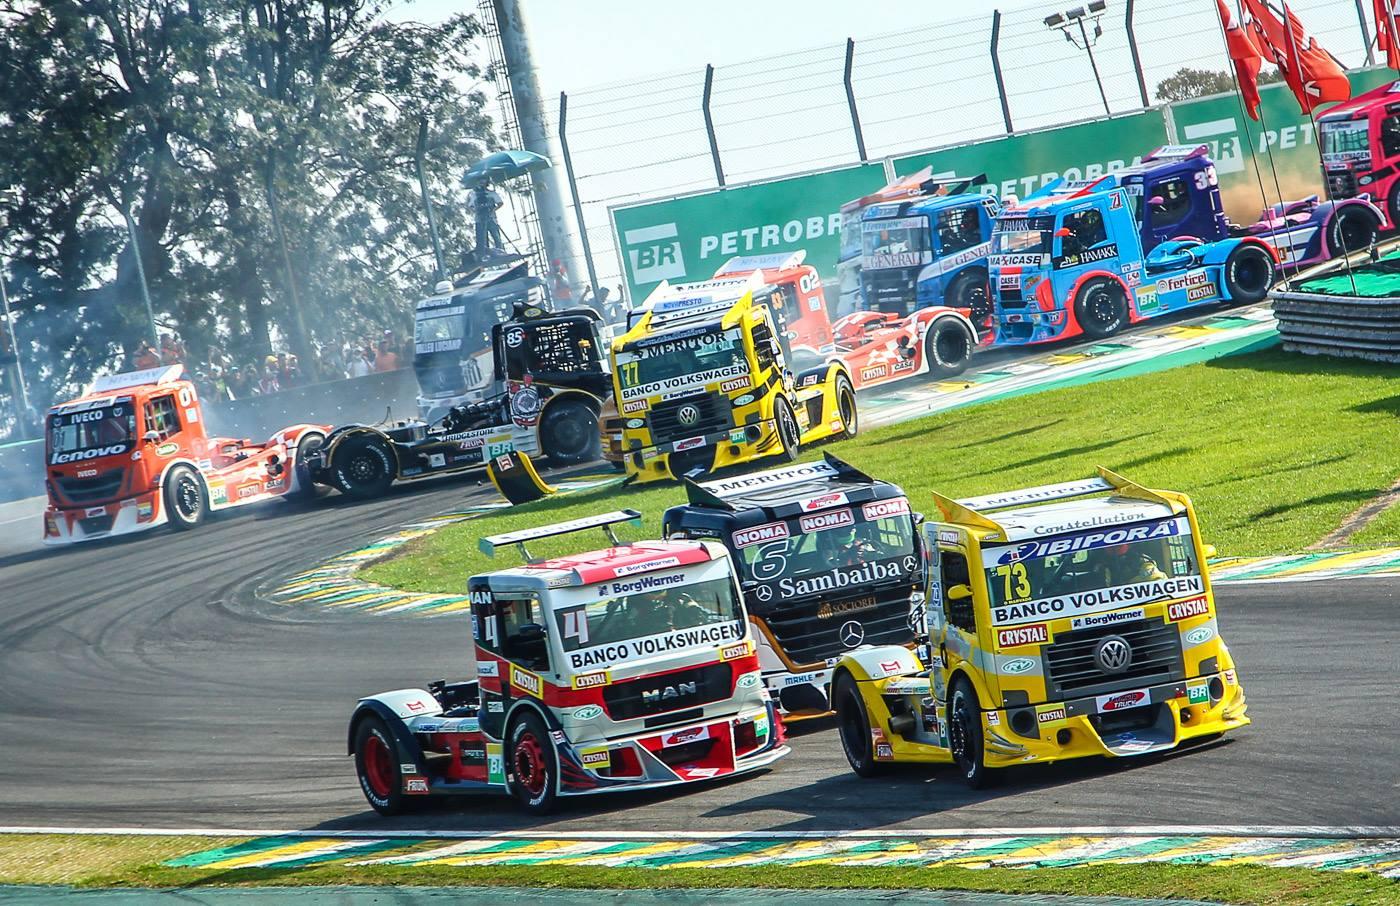 Fotos – Fórmula Truck Interlagos / SP